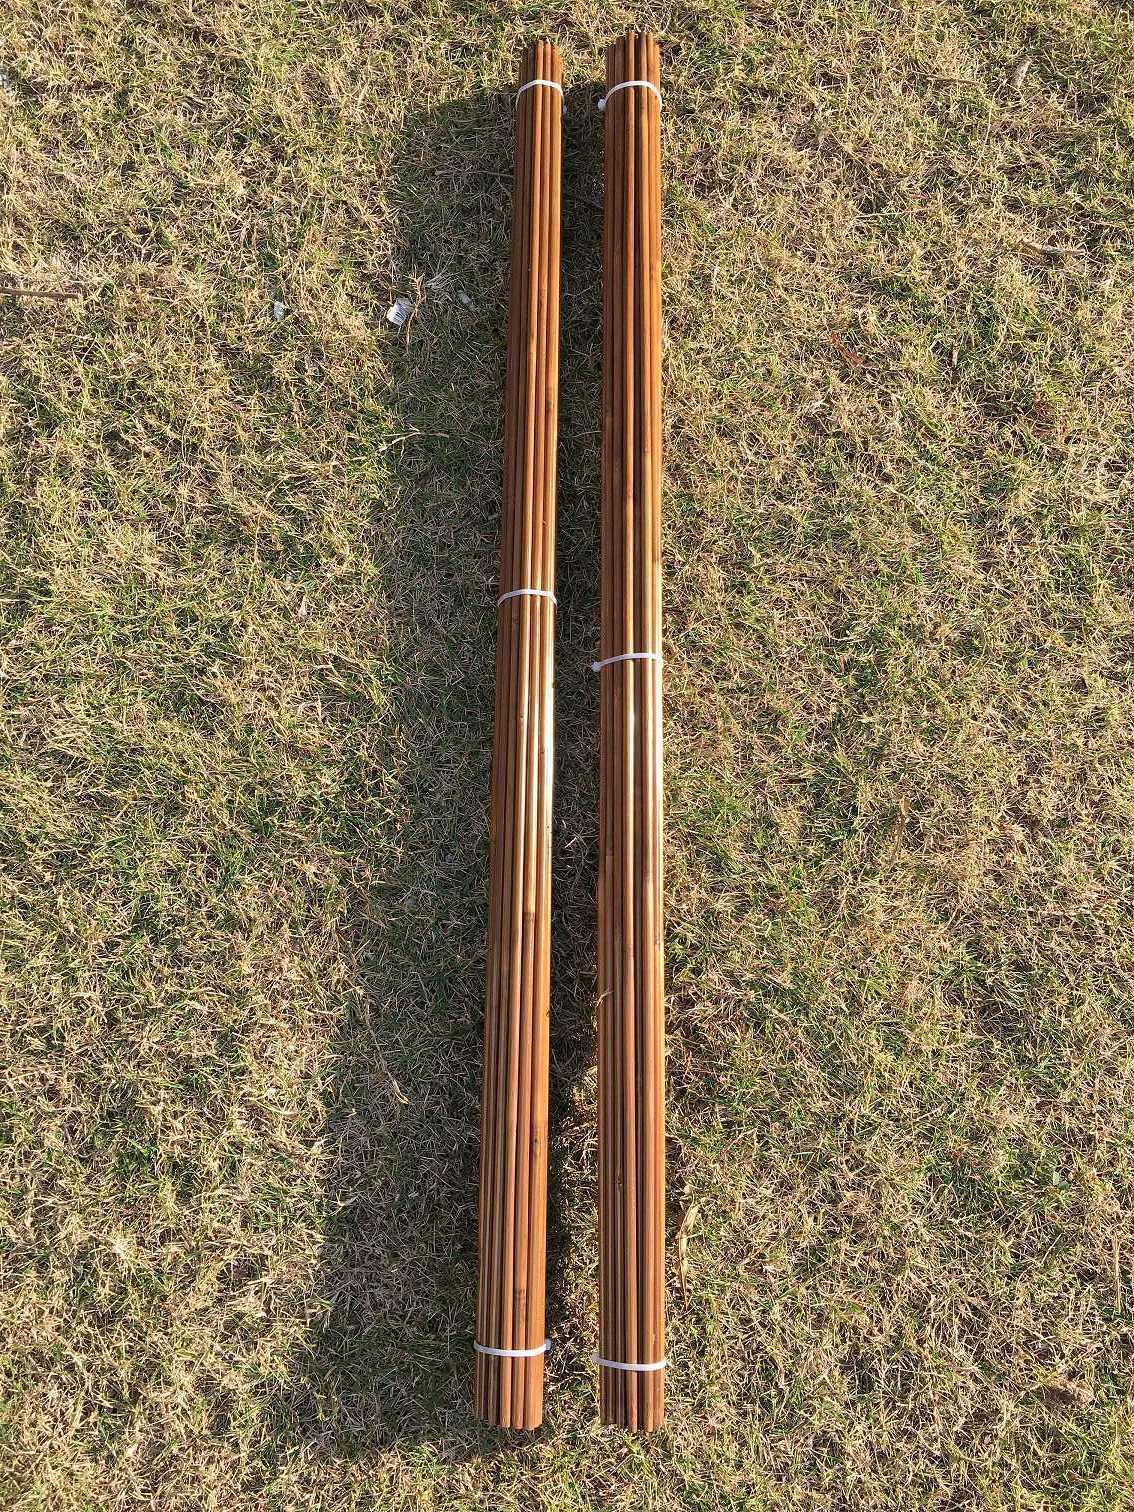 50pcs NewTonkin Bamboo arrow shaft  handmade 65-70 (84cm)long only shafts